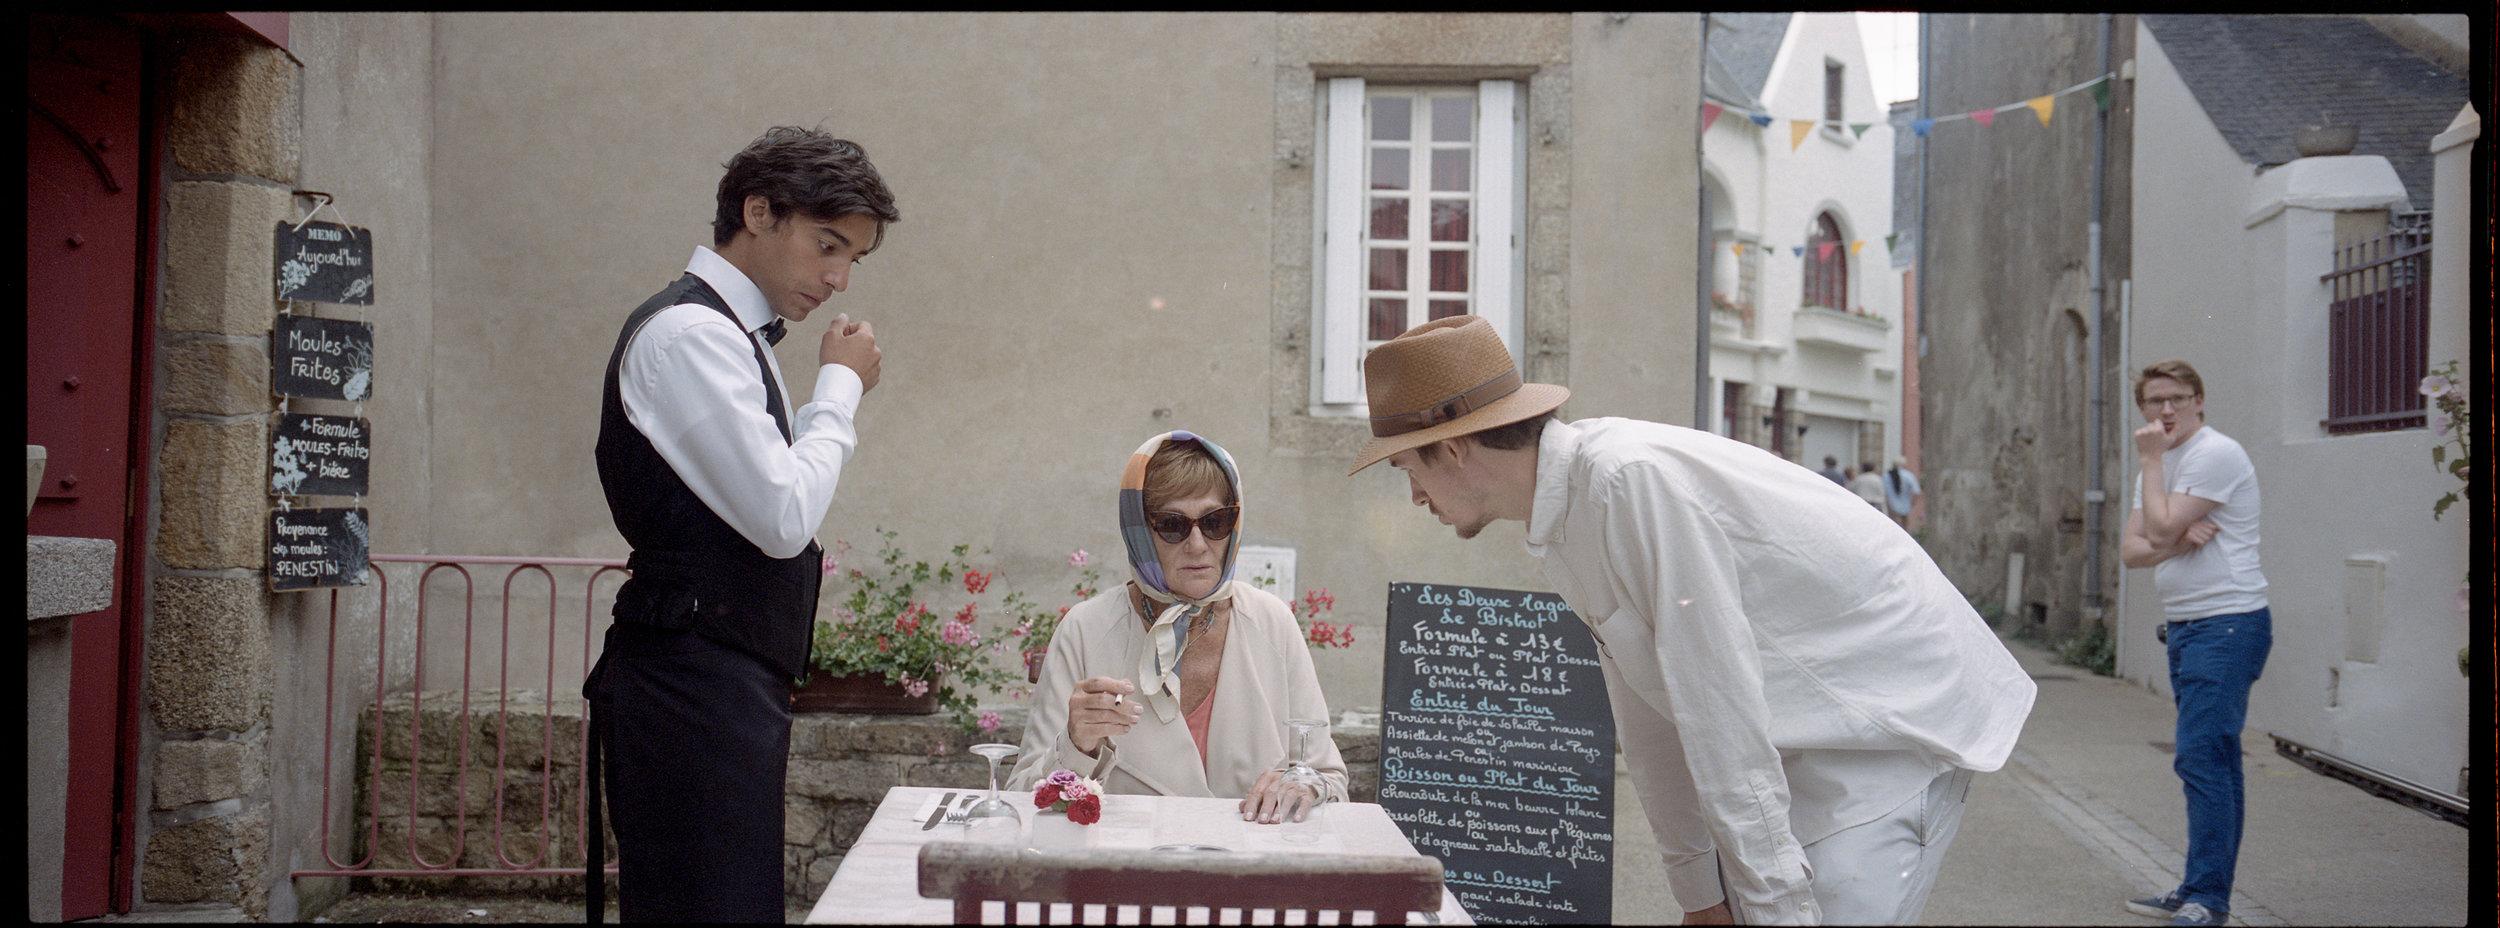 """Director Henrik Dahlsbakken, gives instruction to actor Bente Børsum. Shooting a scene for his film """"Sensommer"""" in France."""